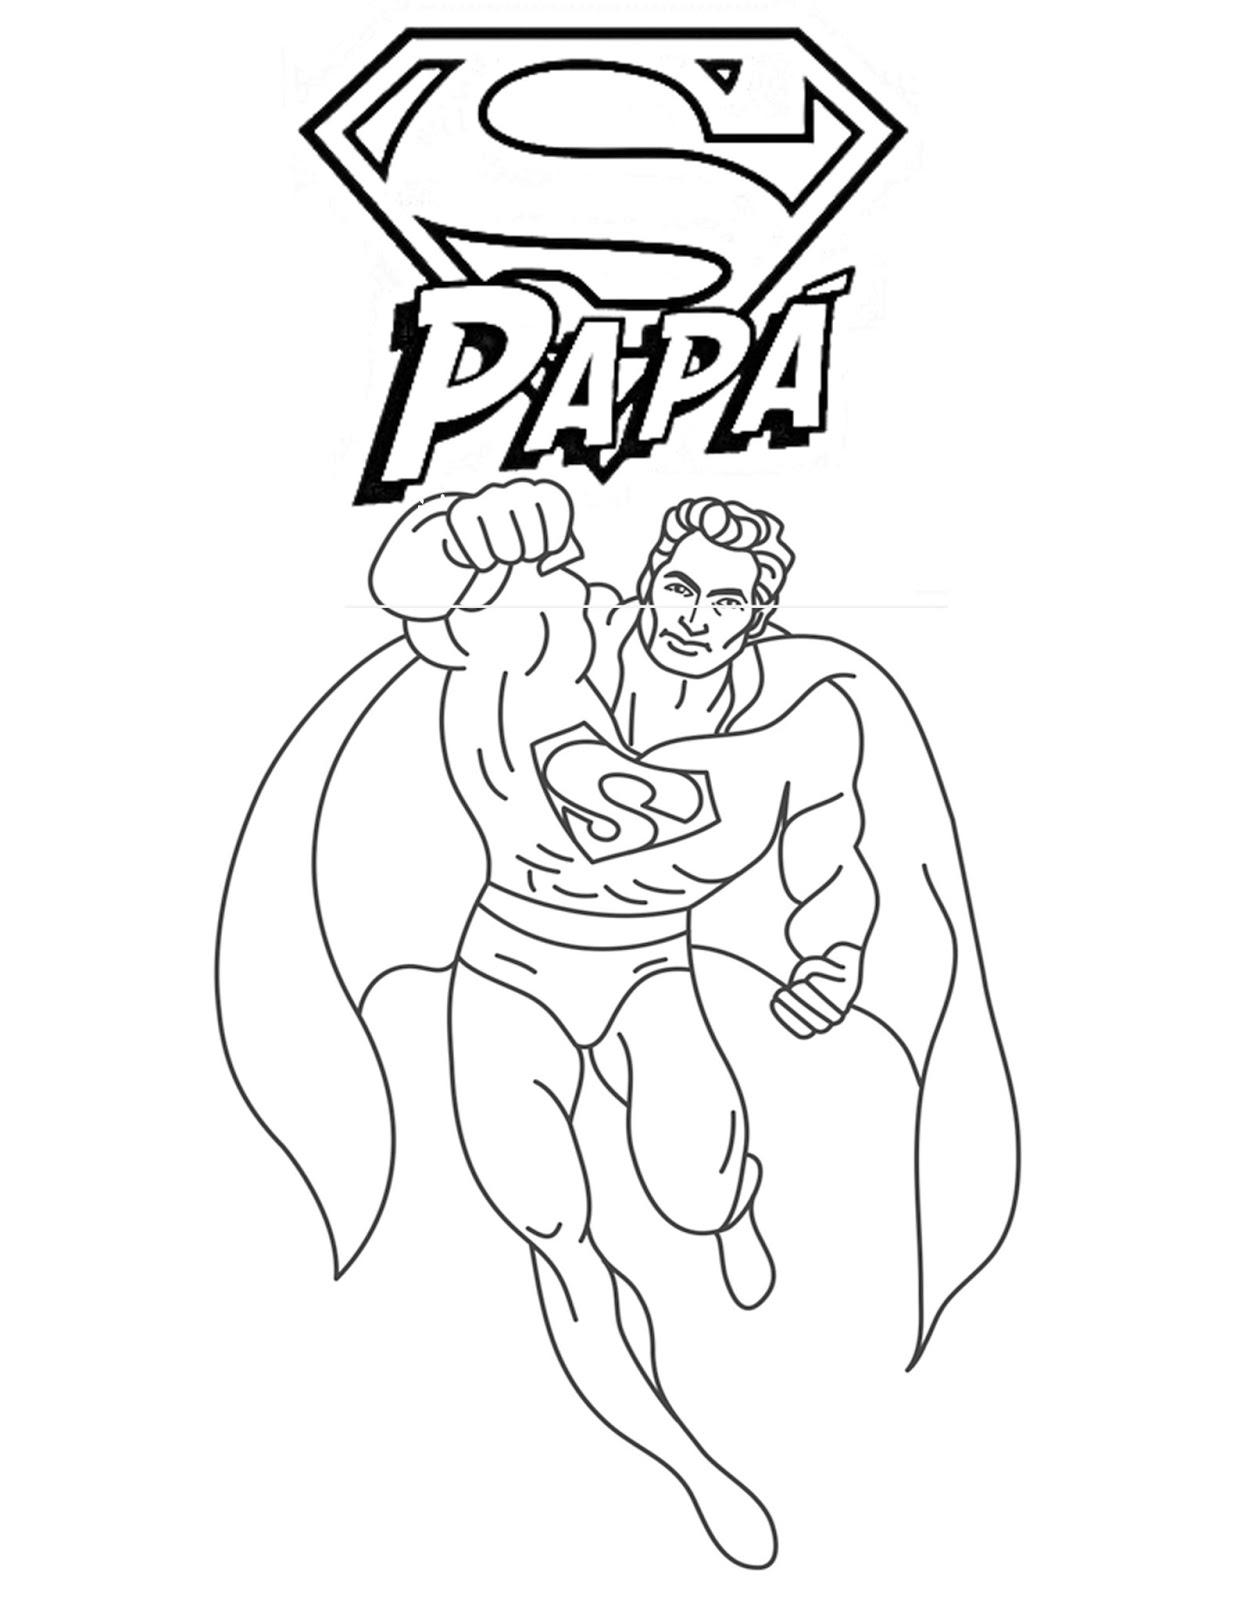 ▷ PDF: Dibujos para colorear para el día del padre - Preescolar